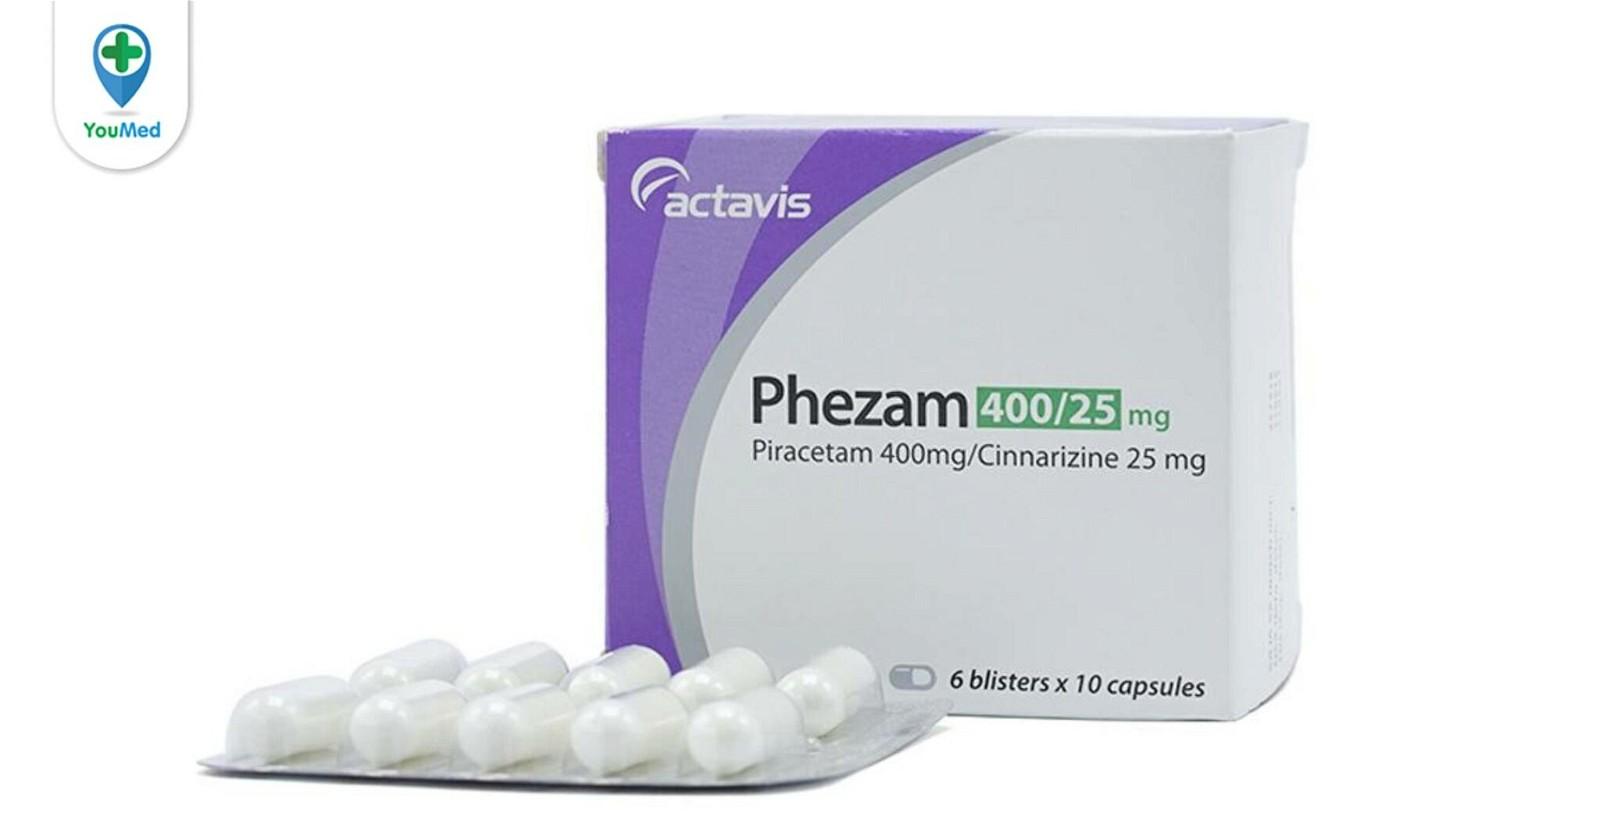 Thuốc phezam có tác dụng gì? giá, cách dùng và những điều cần lưu ý